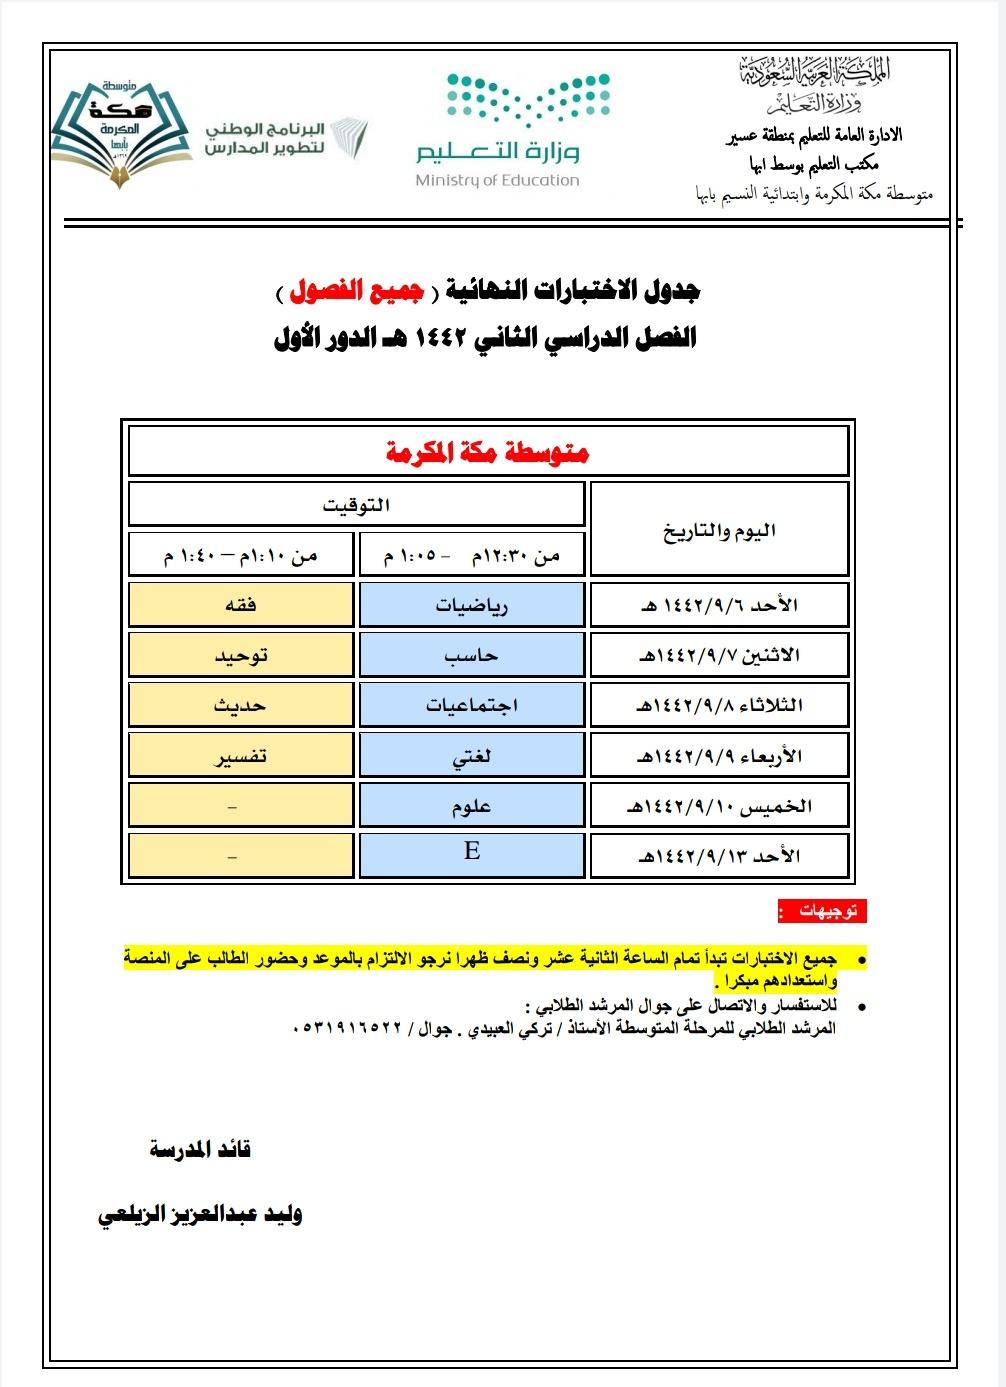 جدول الاختبارات النهائية الفصل الثاني منطقة مكة المكرمة المرحلة المتوسطة بالمملكة العربية السعودية 1442